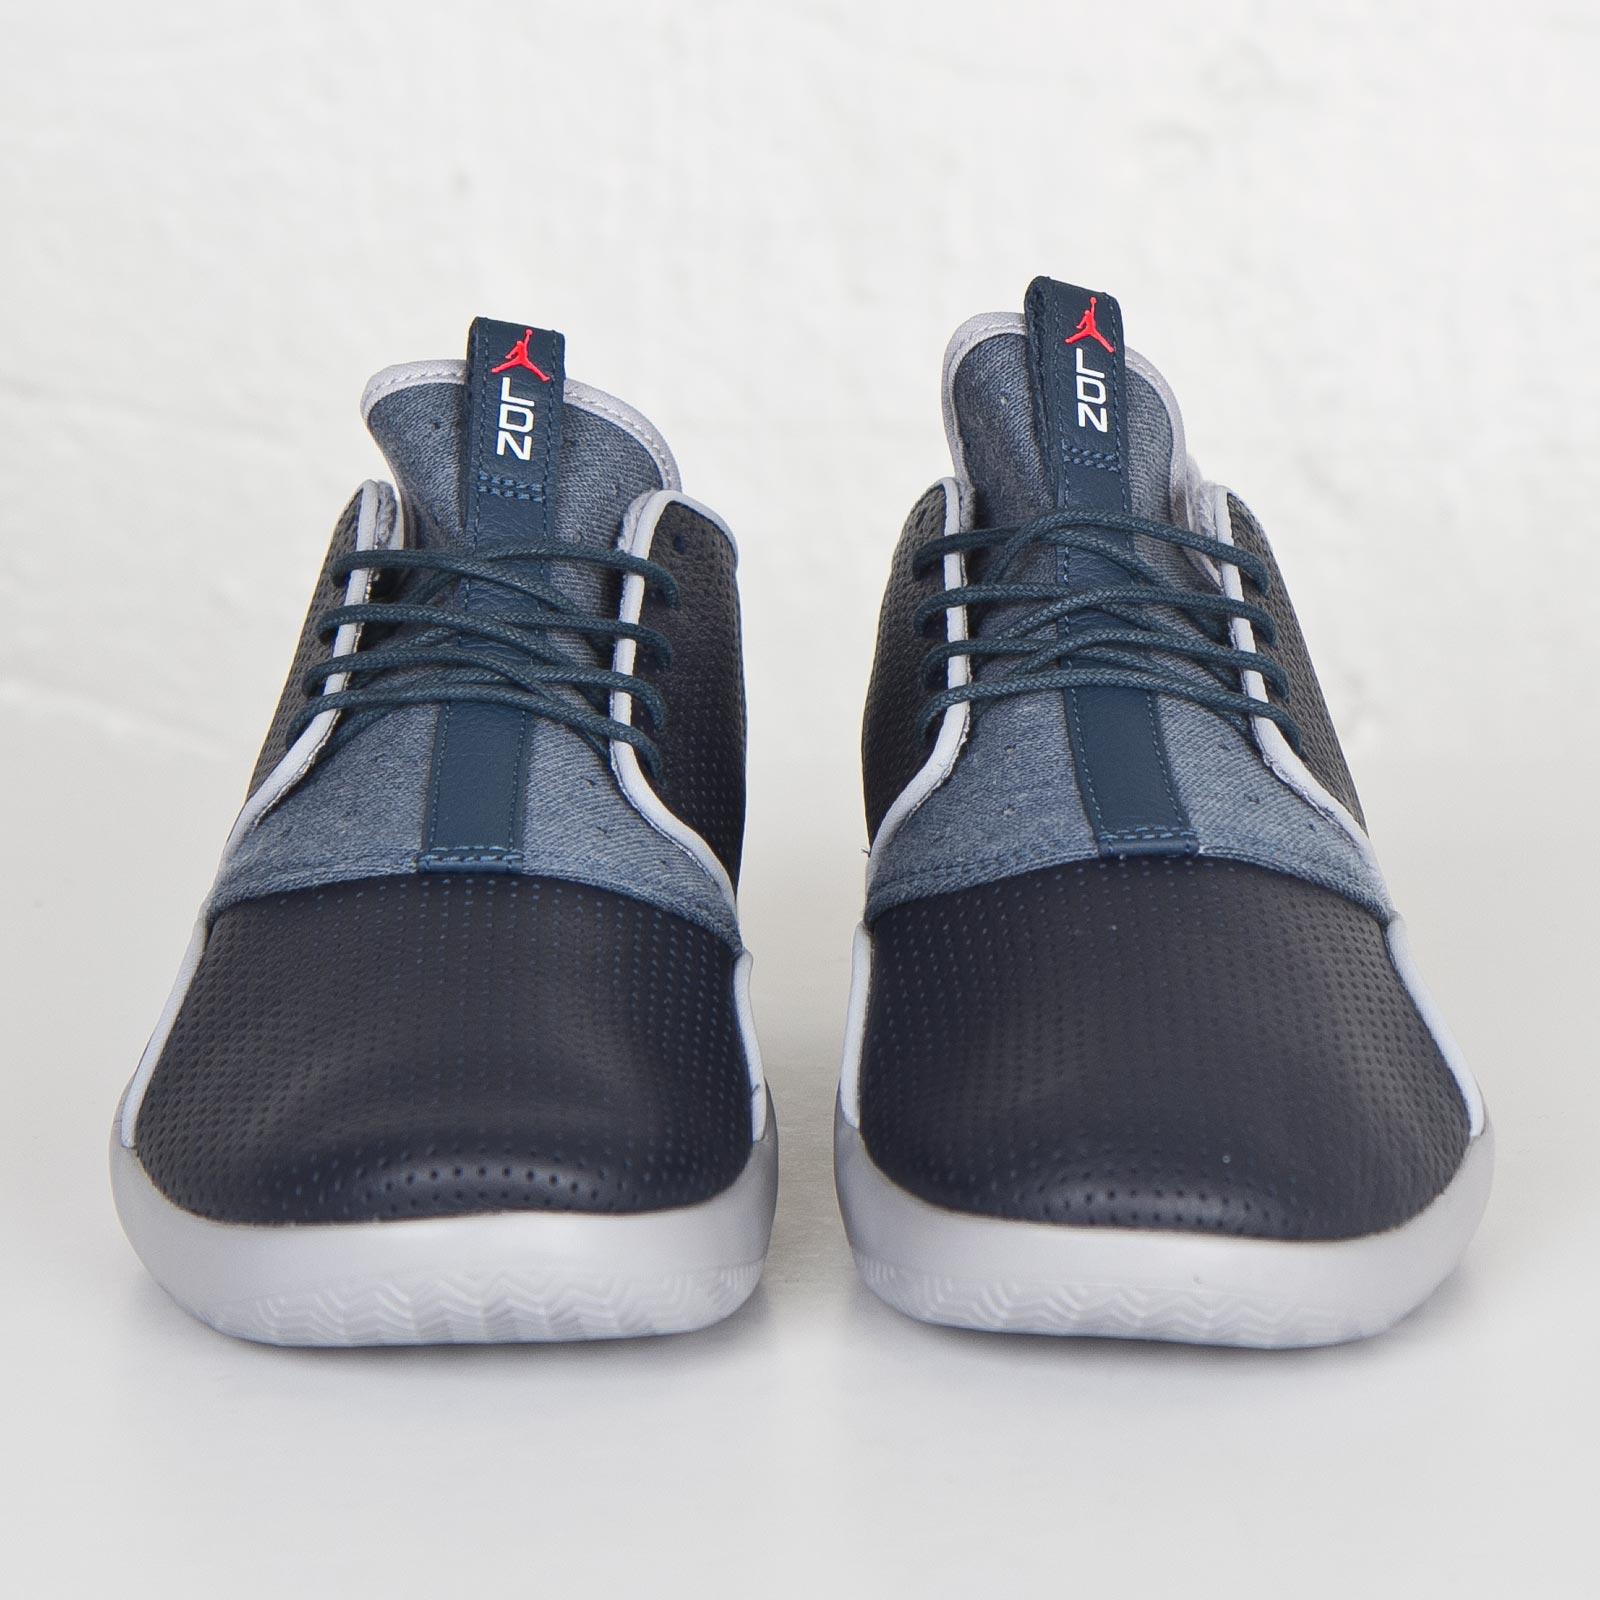 huge selection of 268f9 9da2e Jordan Brand Jordan Eclipse LTR - 807706-406 - Sneakersnstuff   sneakers    streetwear online since 1999